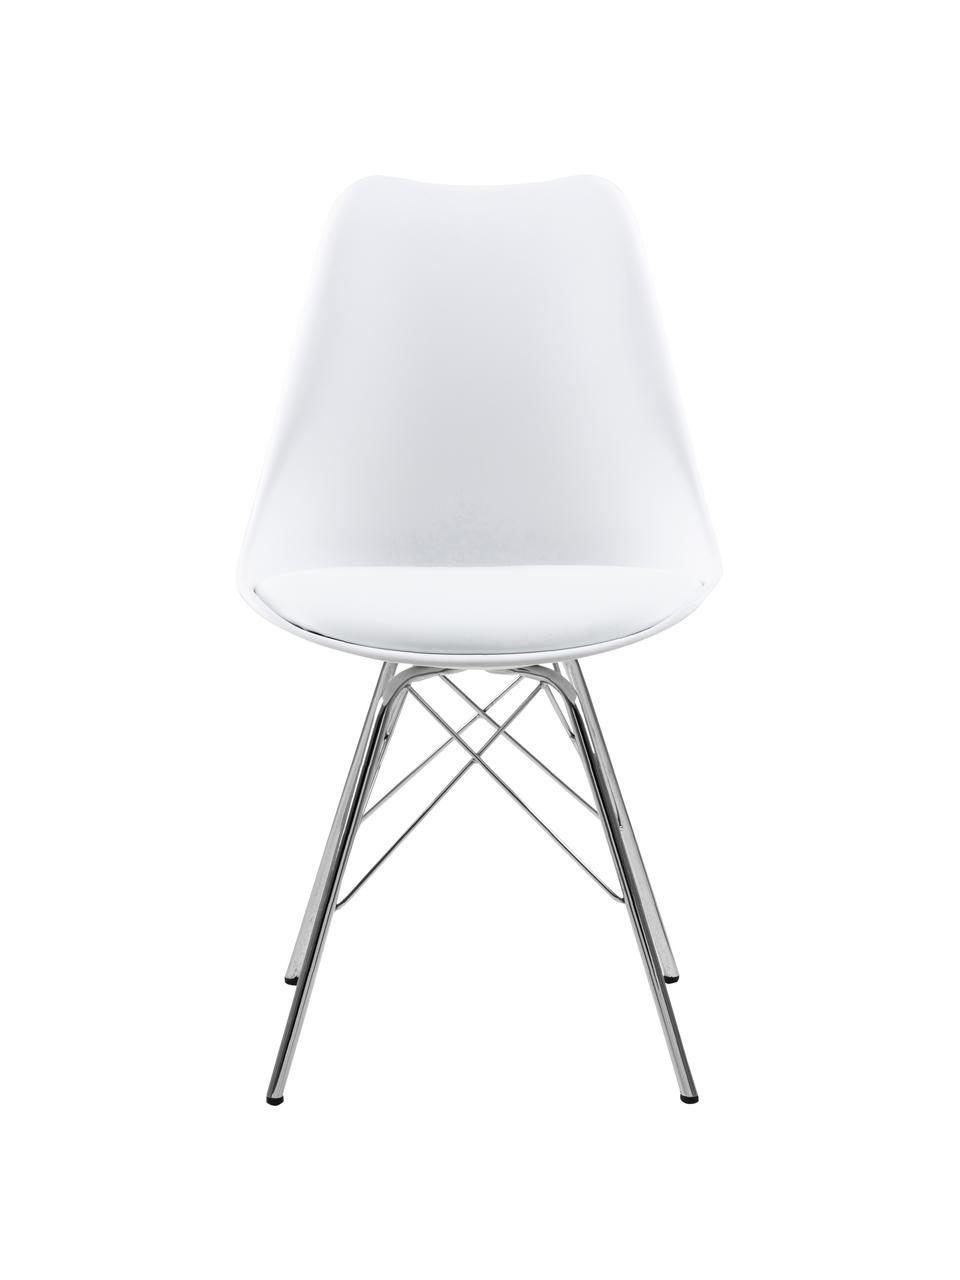 Kunststoff-Stühle Eris, 2 Stück, Sitzschale: Kunststoff, Sitzfläche: Kunstleder, Beine: Metall, verchromt, Weiß, Beine Chrom, B 49 x T 54 cm